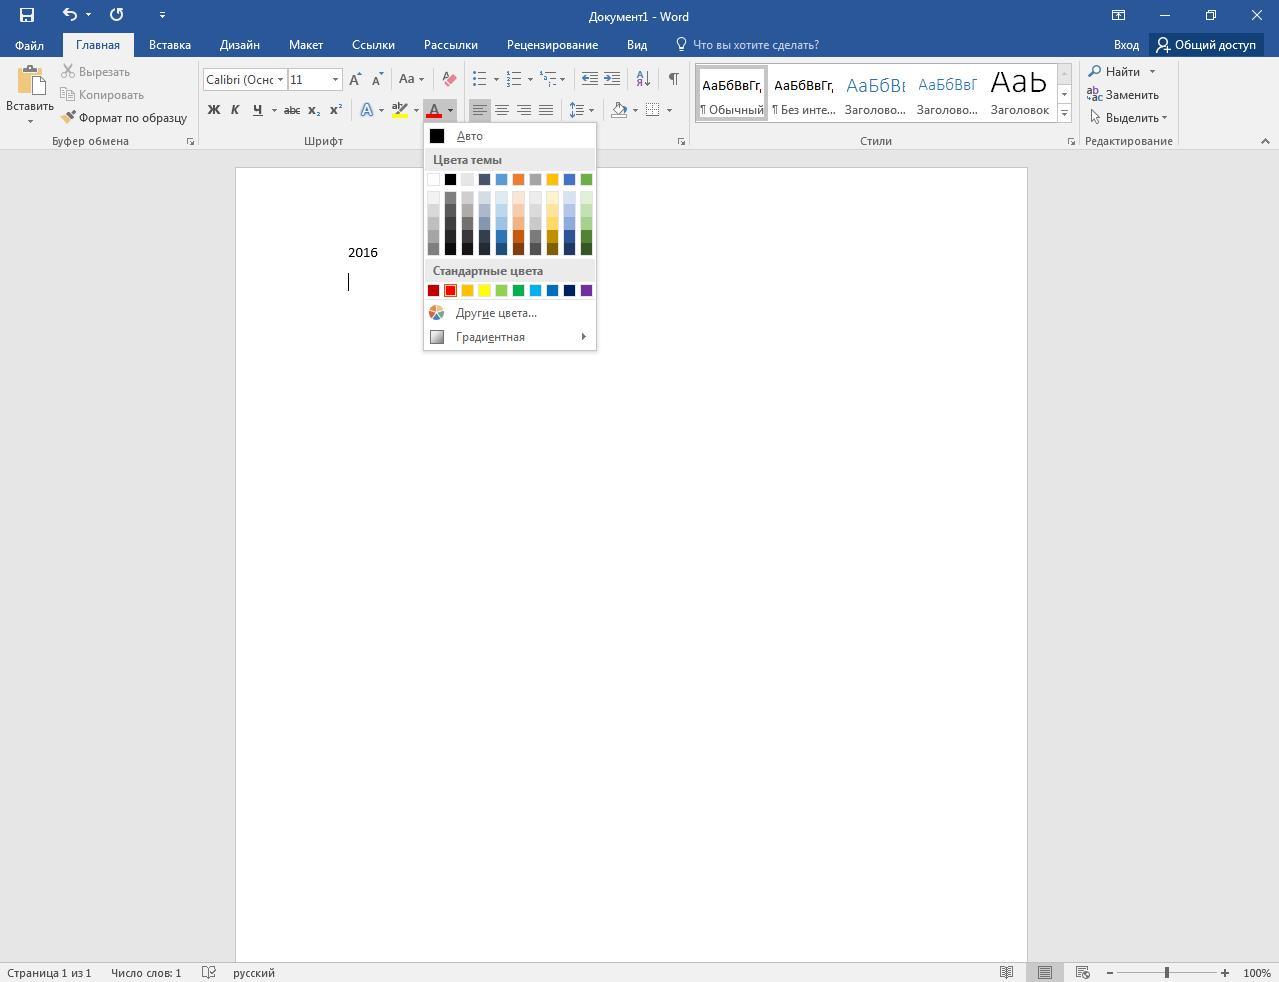 Бесплатно скачать программу Microsoft Office Word